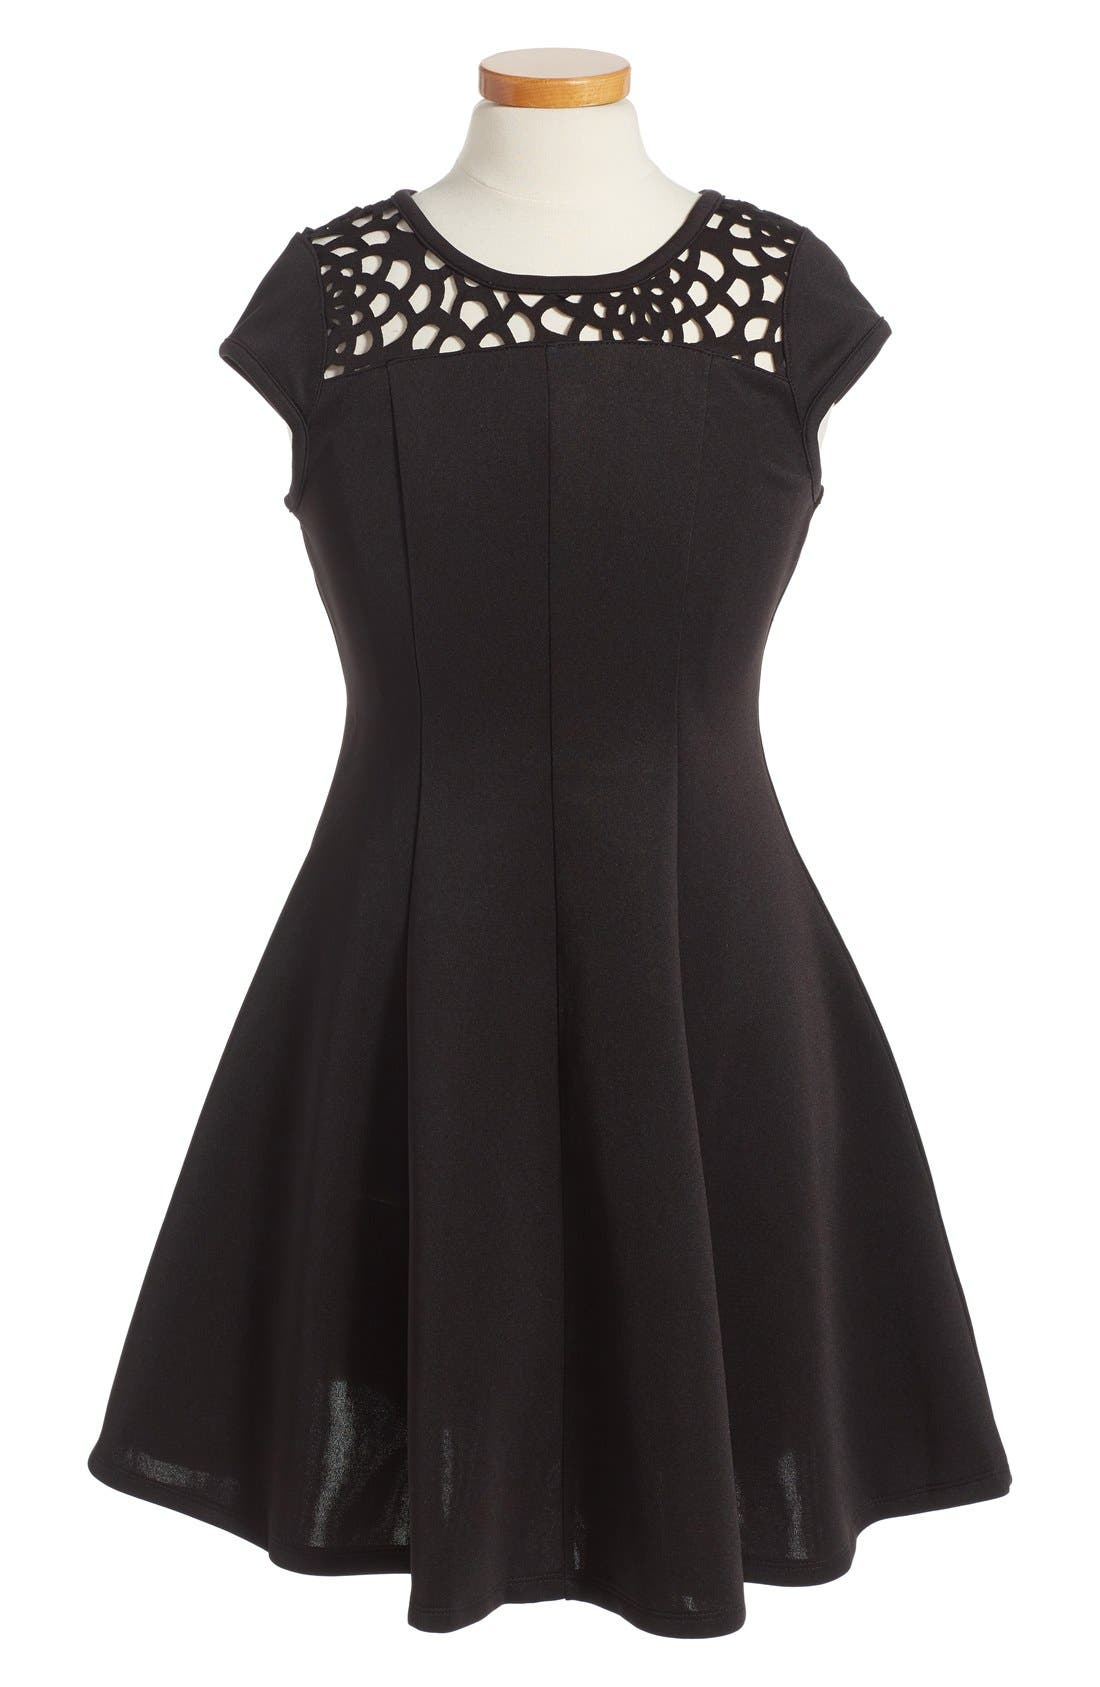 Main Image - Ten Sixty Sherman Cap Sleeve Dress (Big Girls)